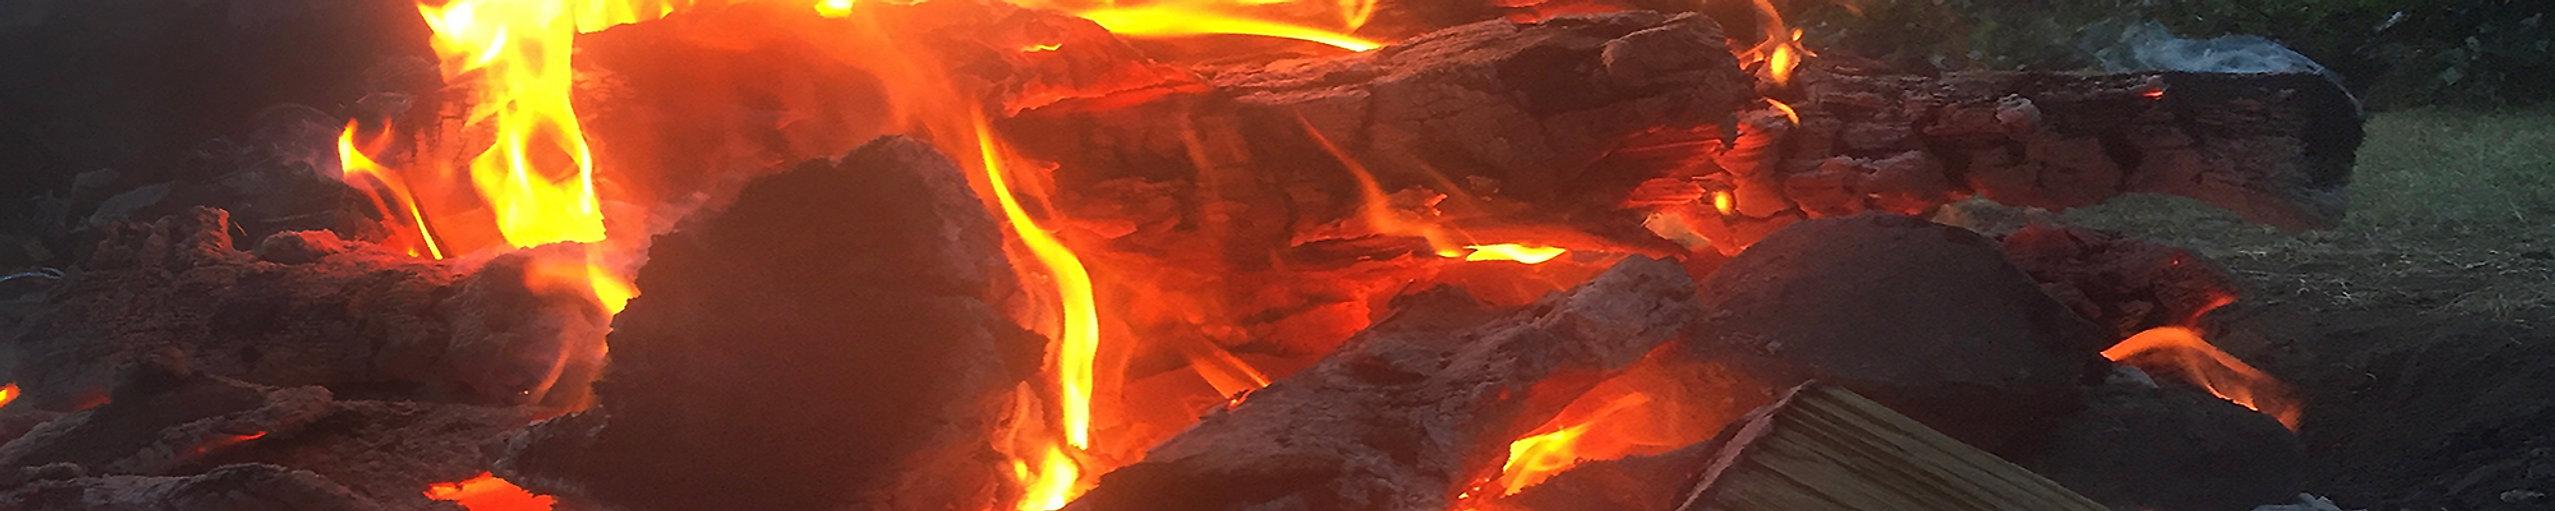 sweat fire2.jpg